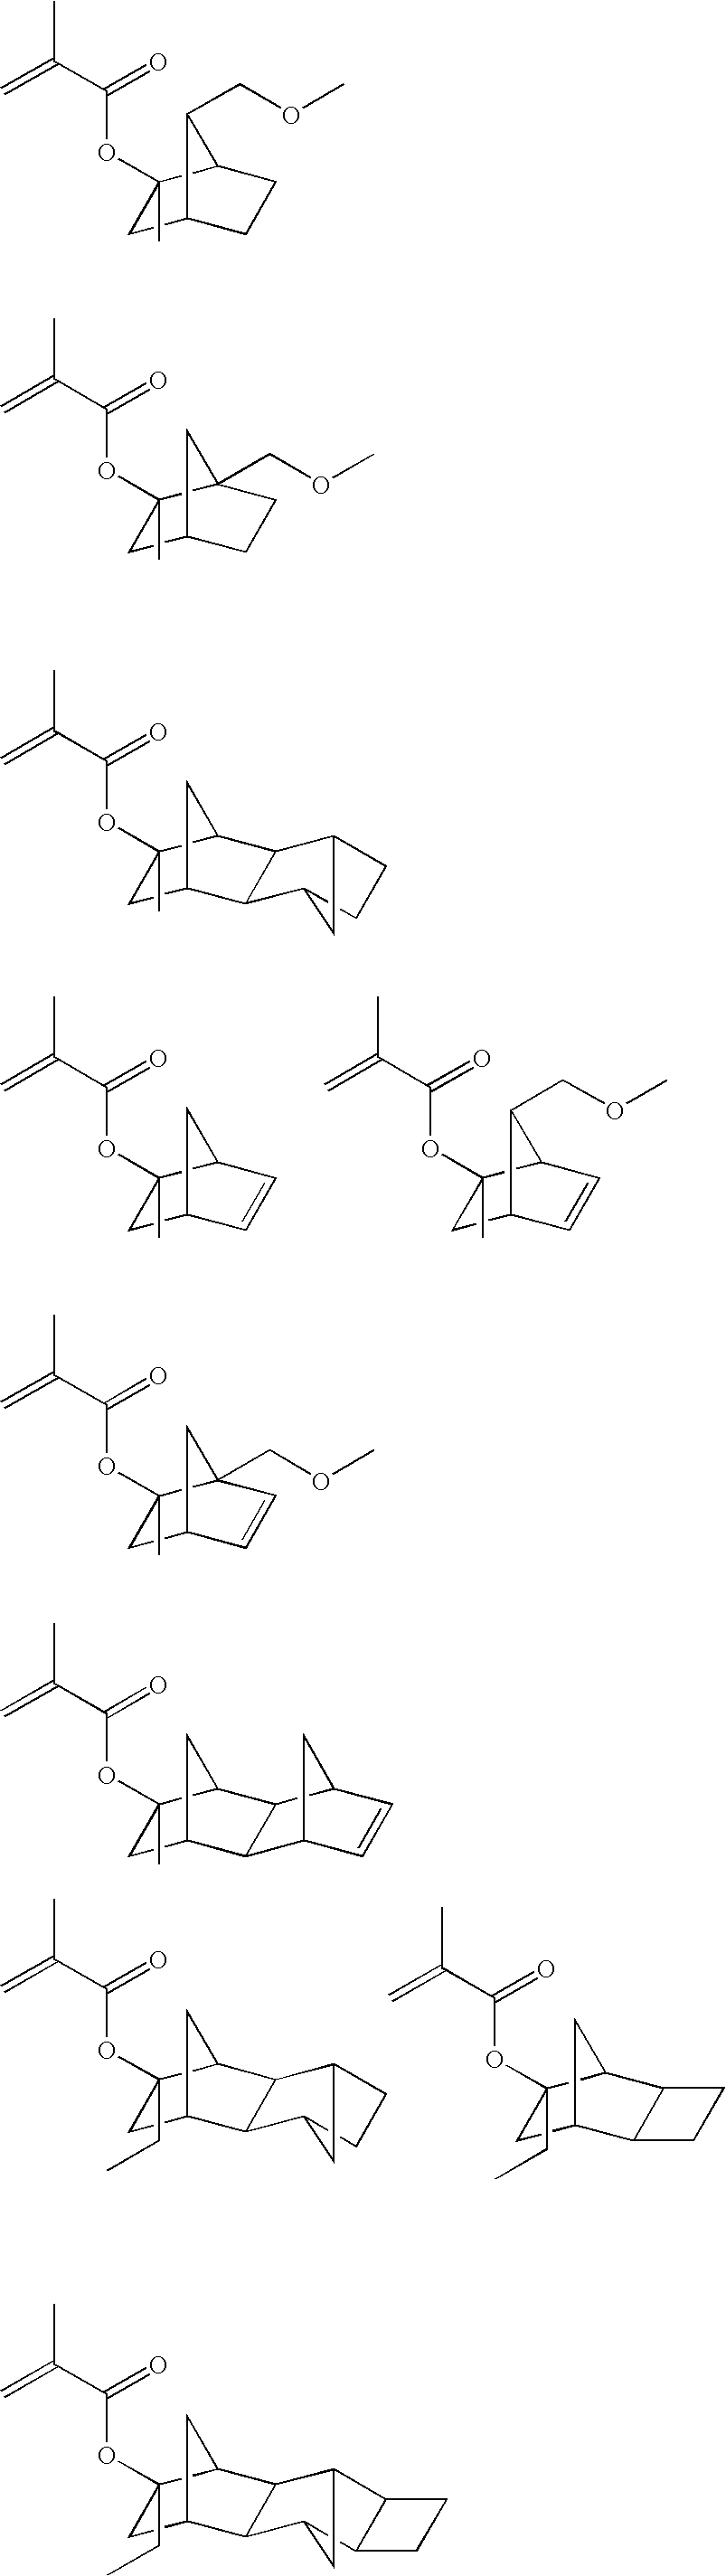 Figure US07368218-20080506-C00022